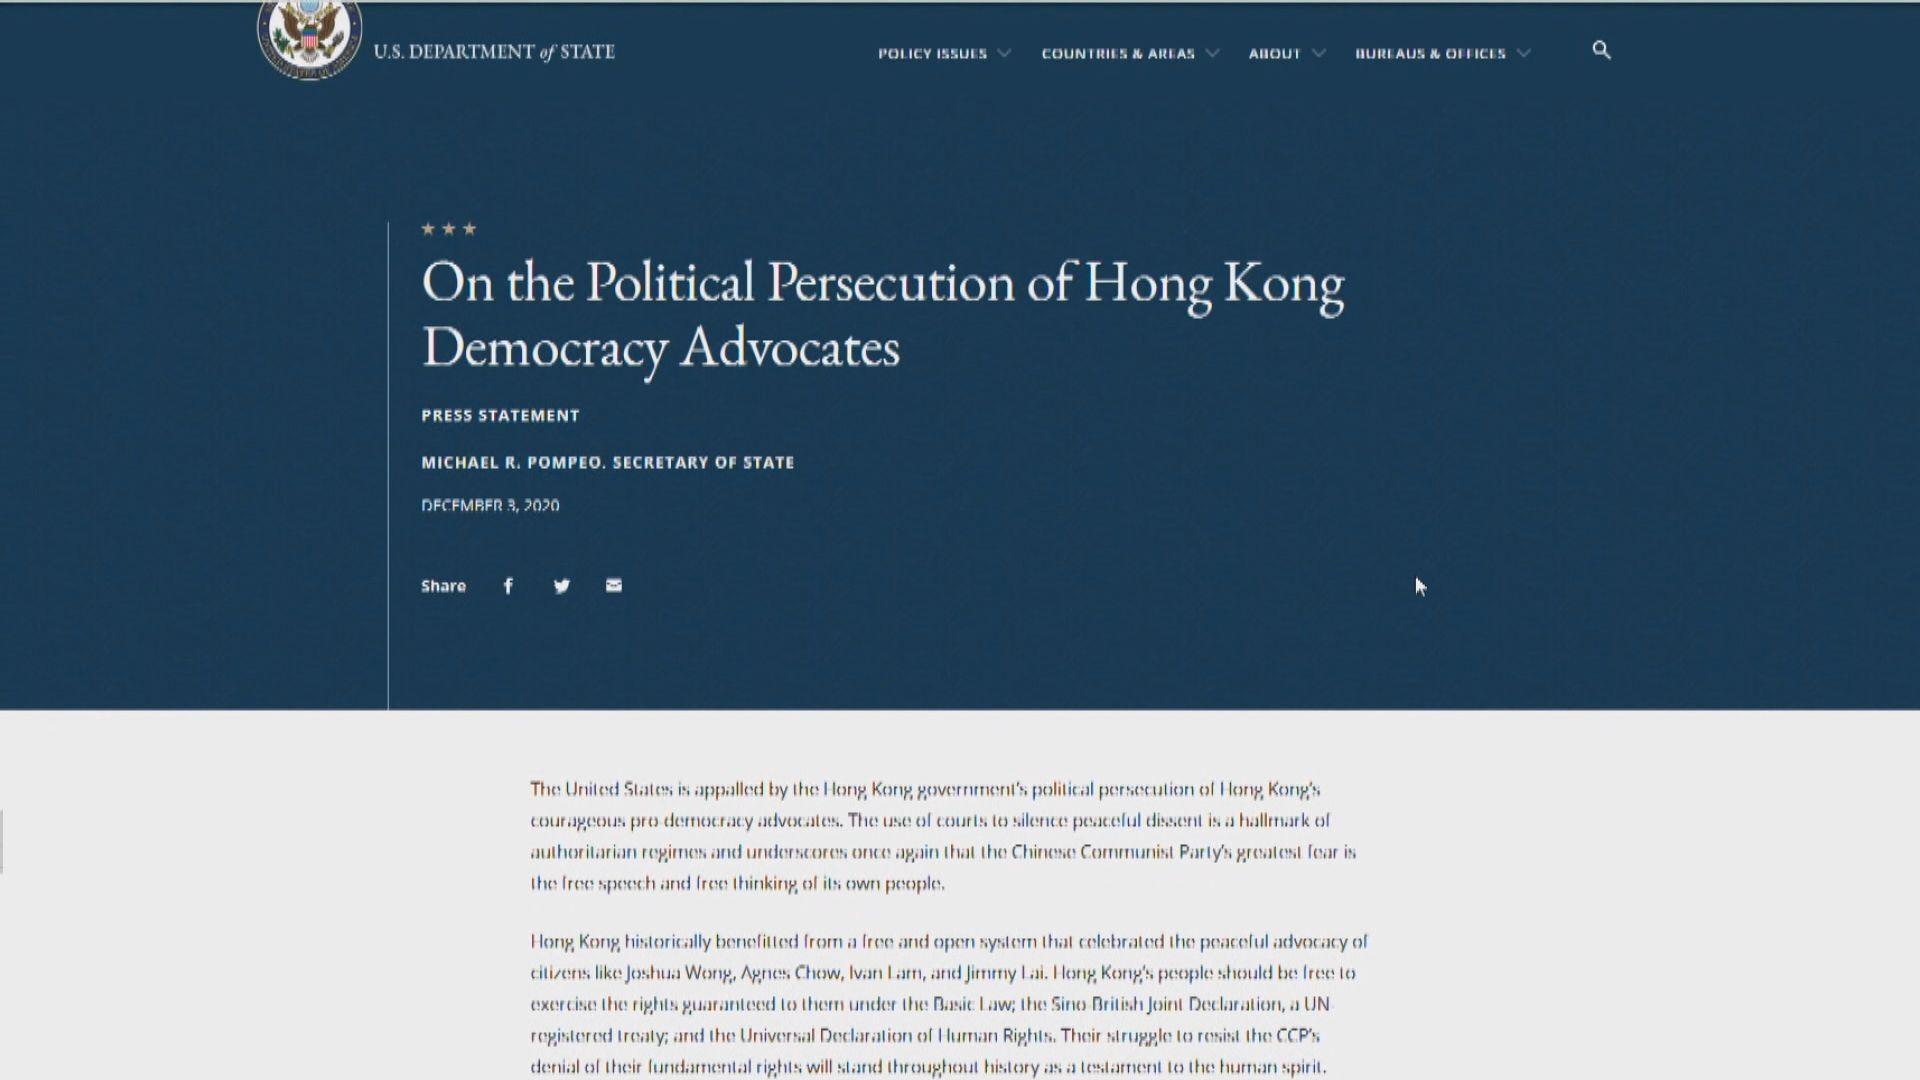 蓬佩奧批香港政府政治檢控異見人士